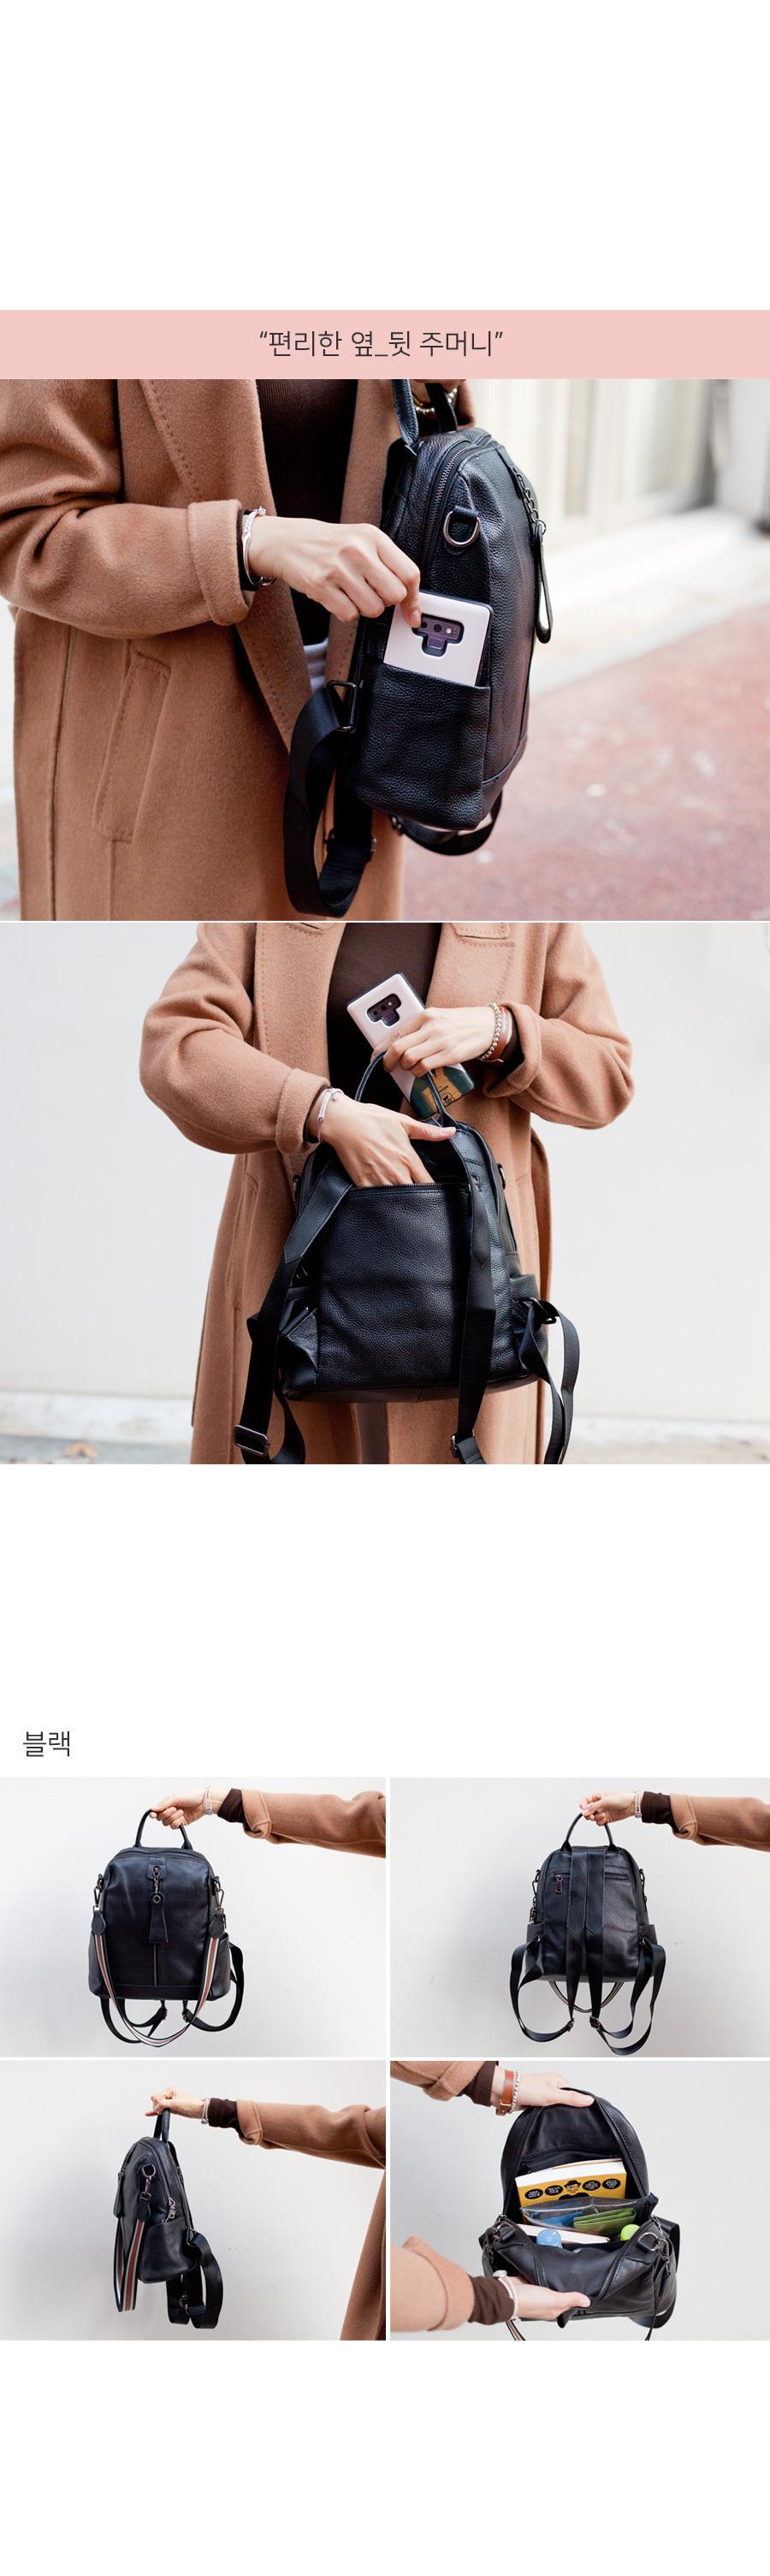 여자가죽백팩 여행용배낭 직장인여성백팩 소가죽 - 비바시스터, 68,700원, 백팩, 가죽백팩